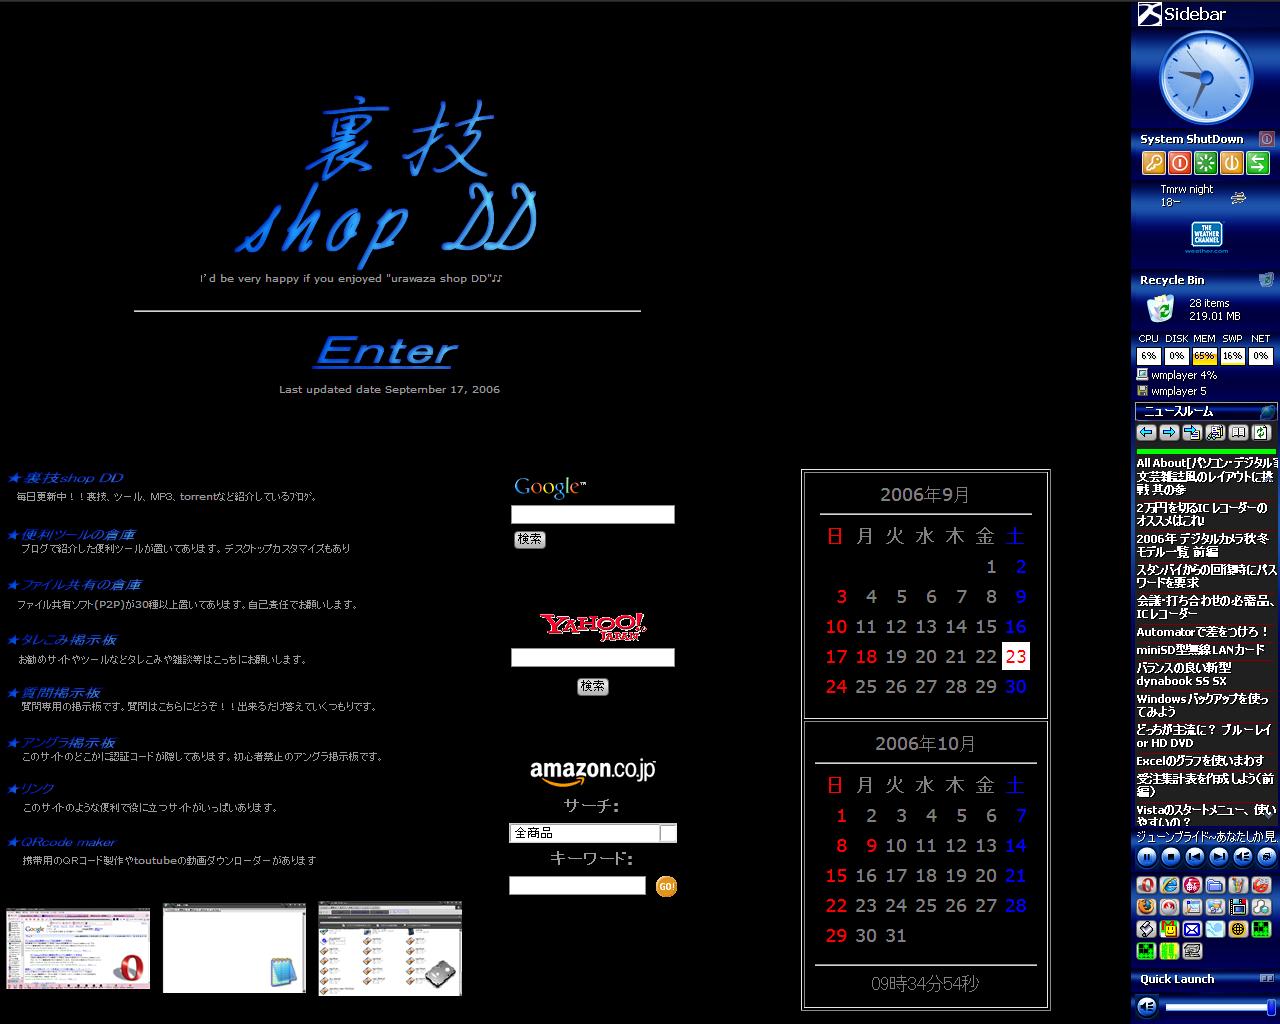 デスクトップ改造17 壁紙にhtmlを使ってオリジナルのデスクトップを Shopdd